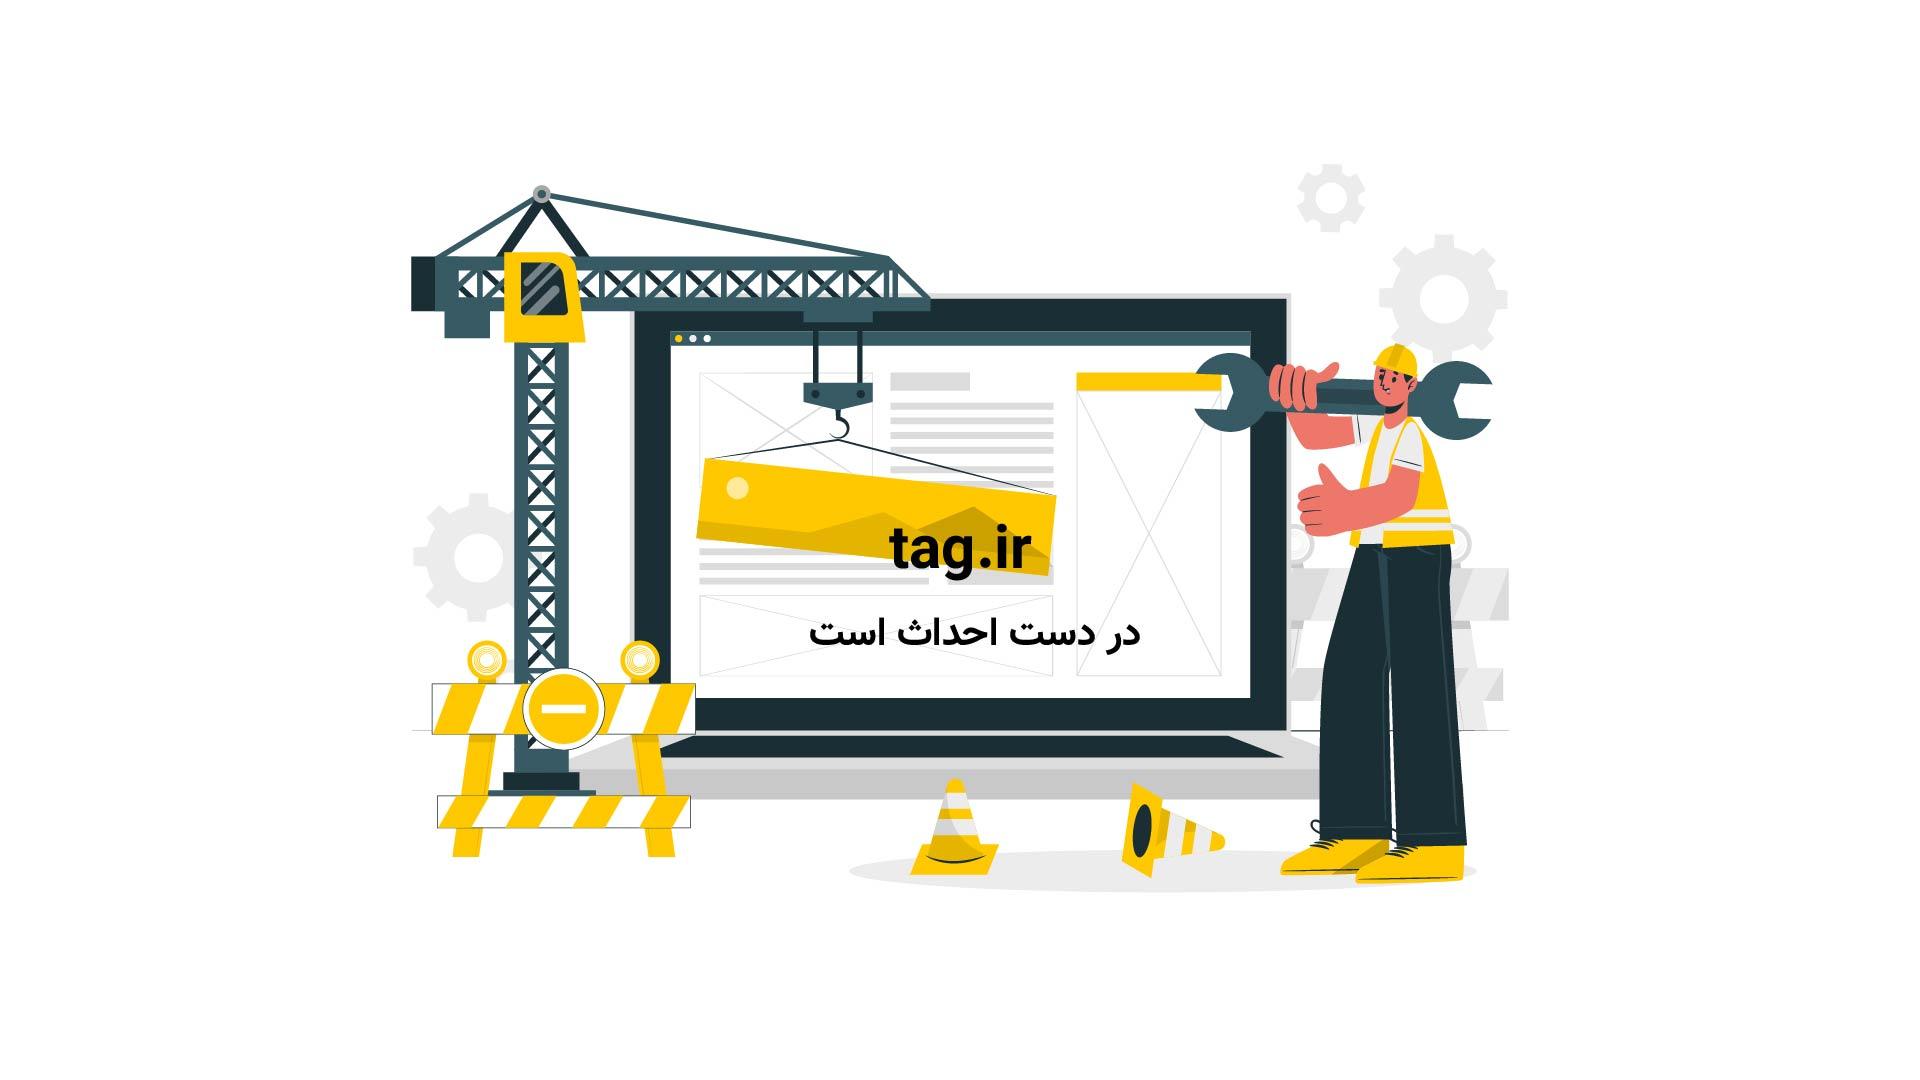 زنگ تفریح؛ شعبده بازی با کش و لیوان پلاستیکی | فیلم